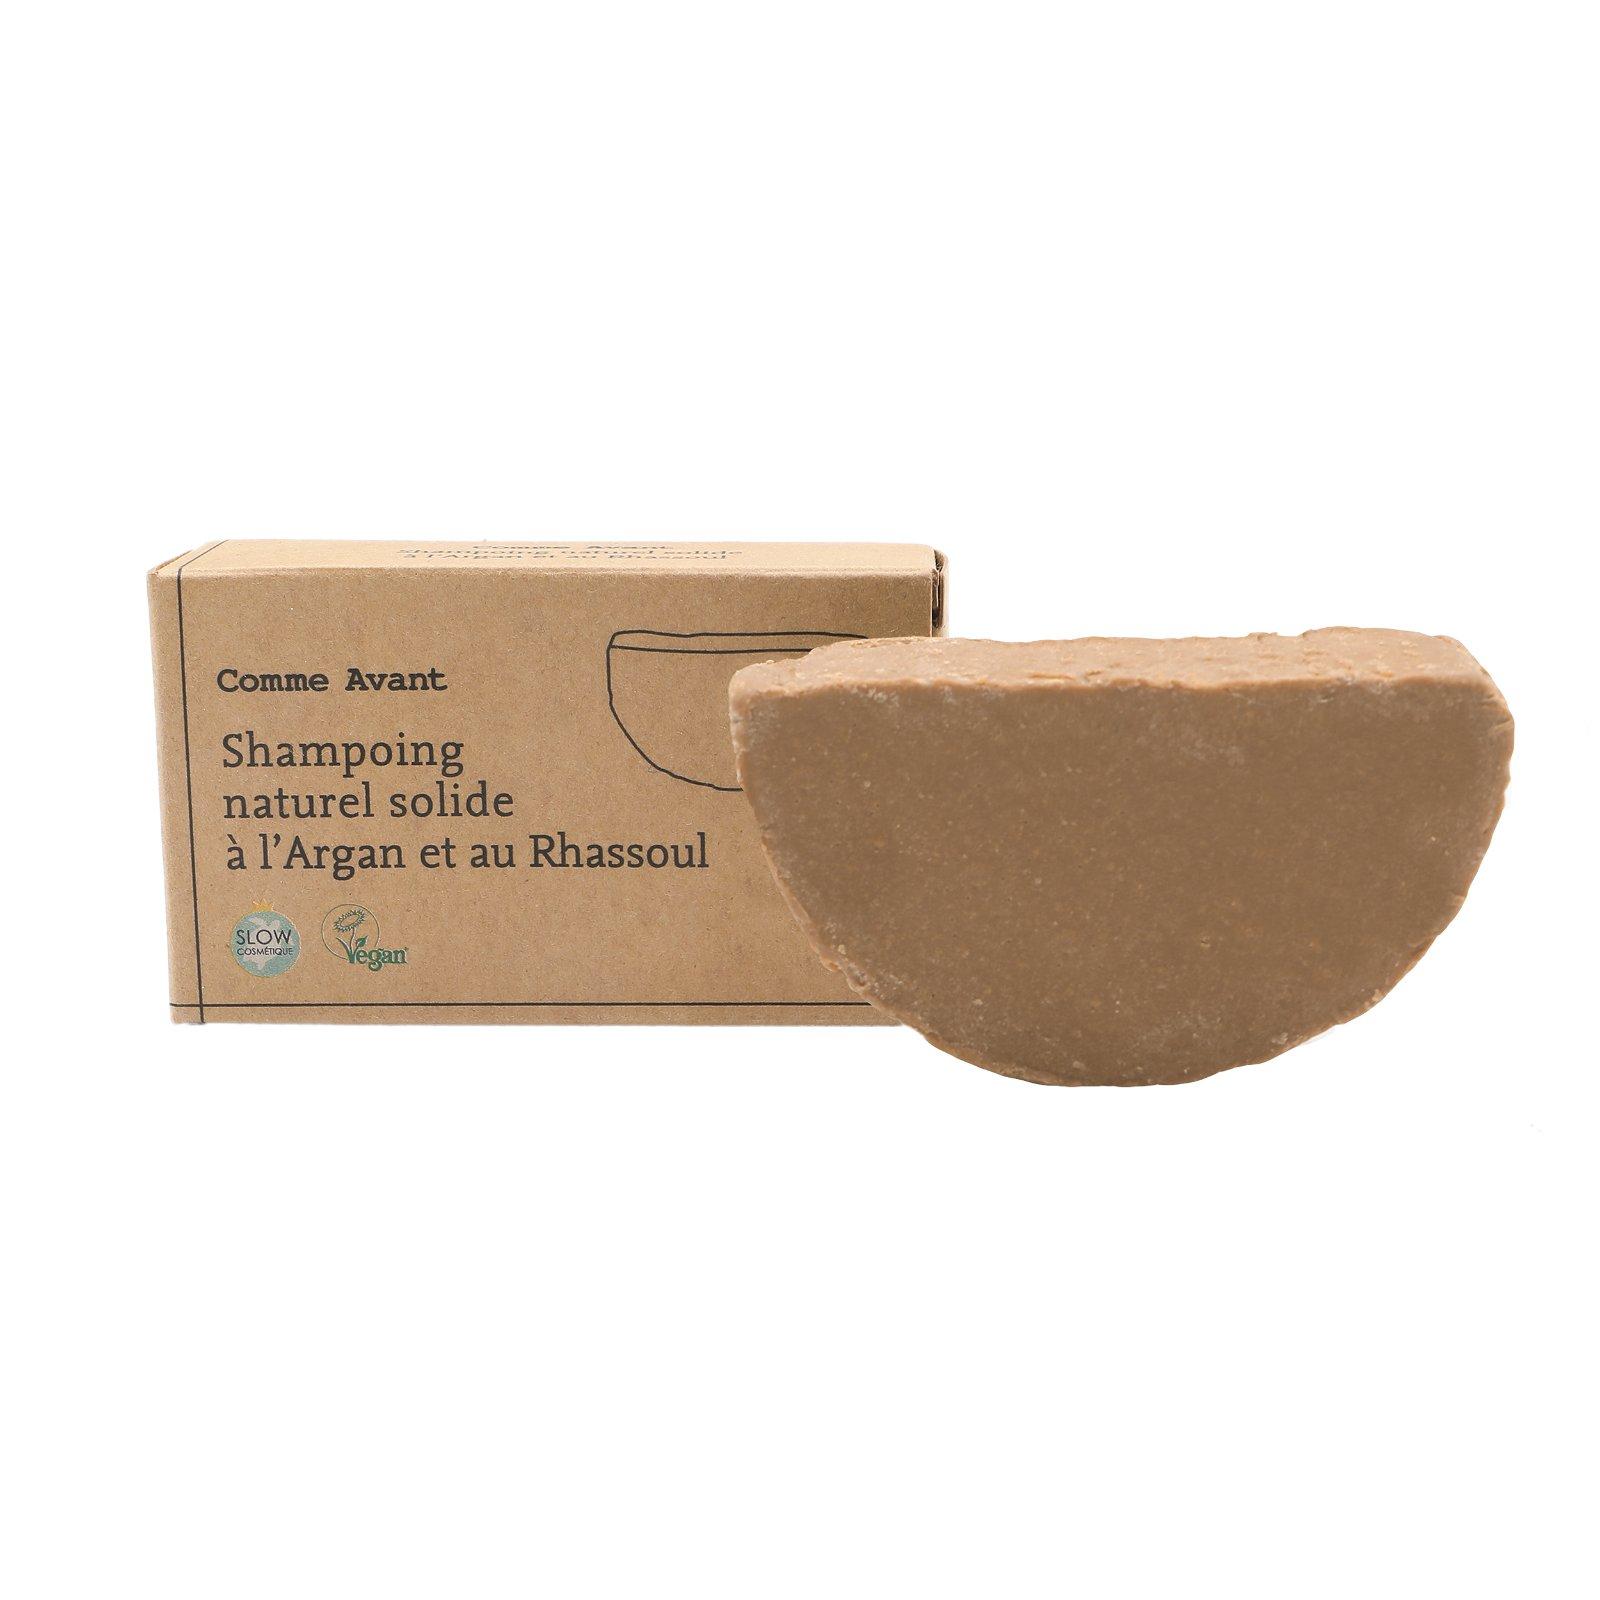 img-comme-avant-shampoing-a-largan-et-au-rhassoul-70g